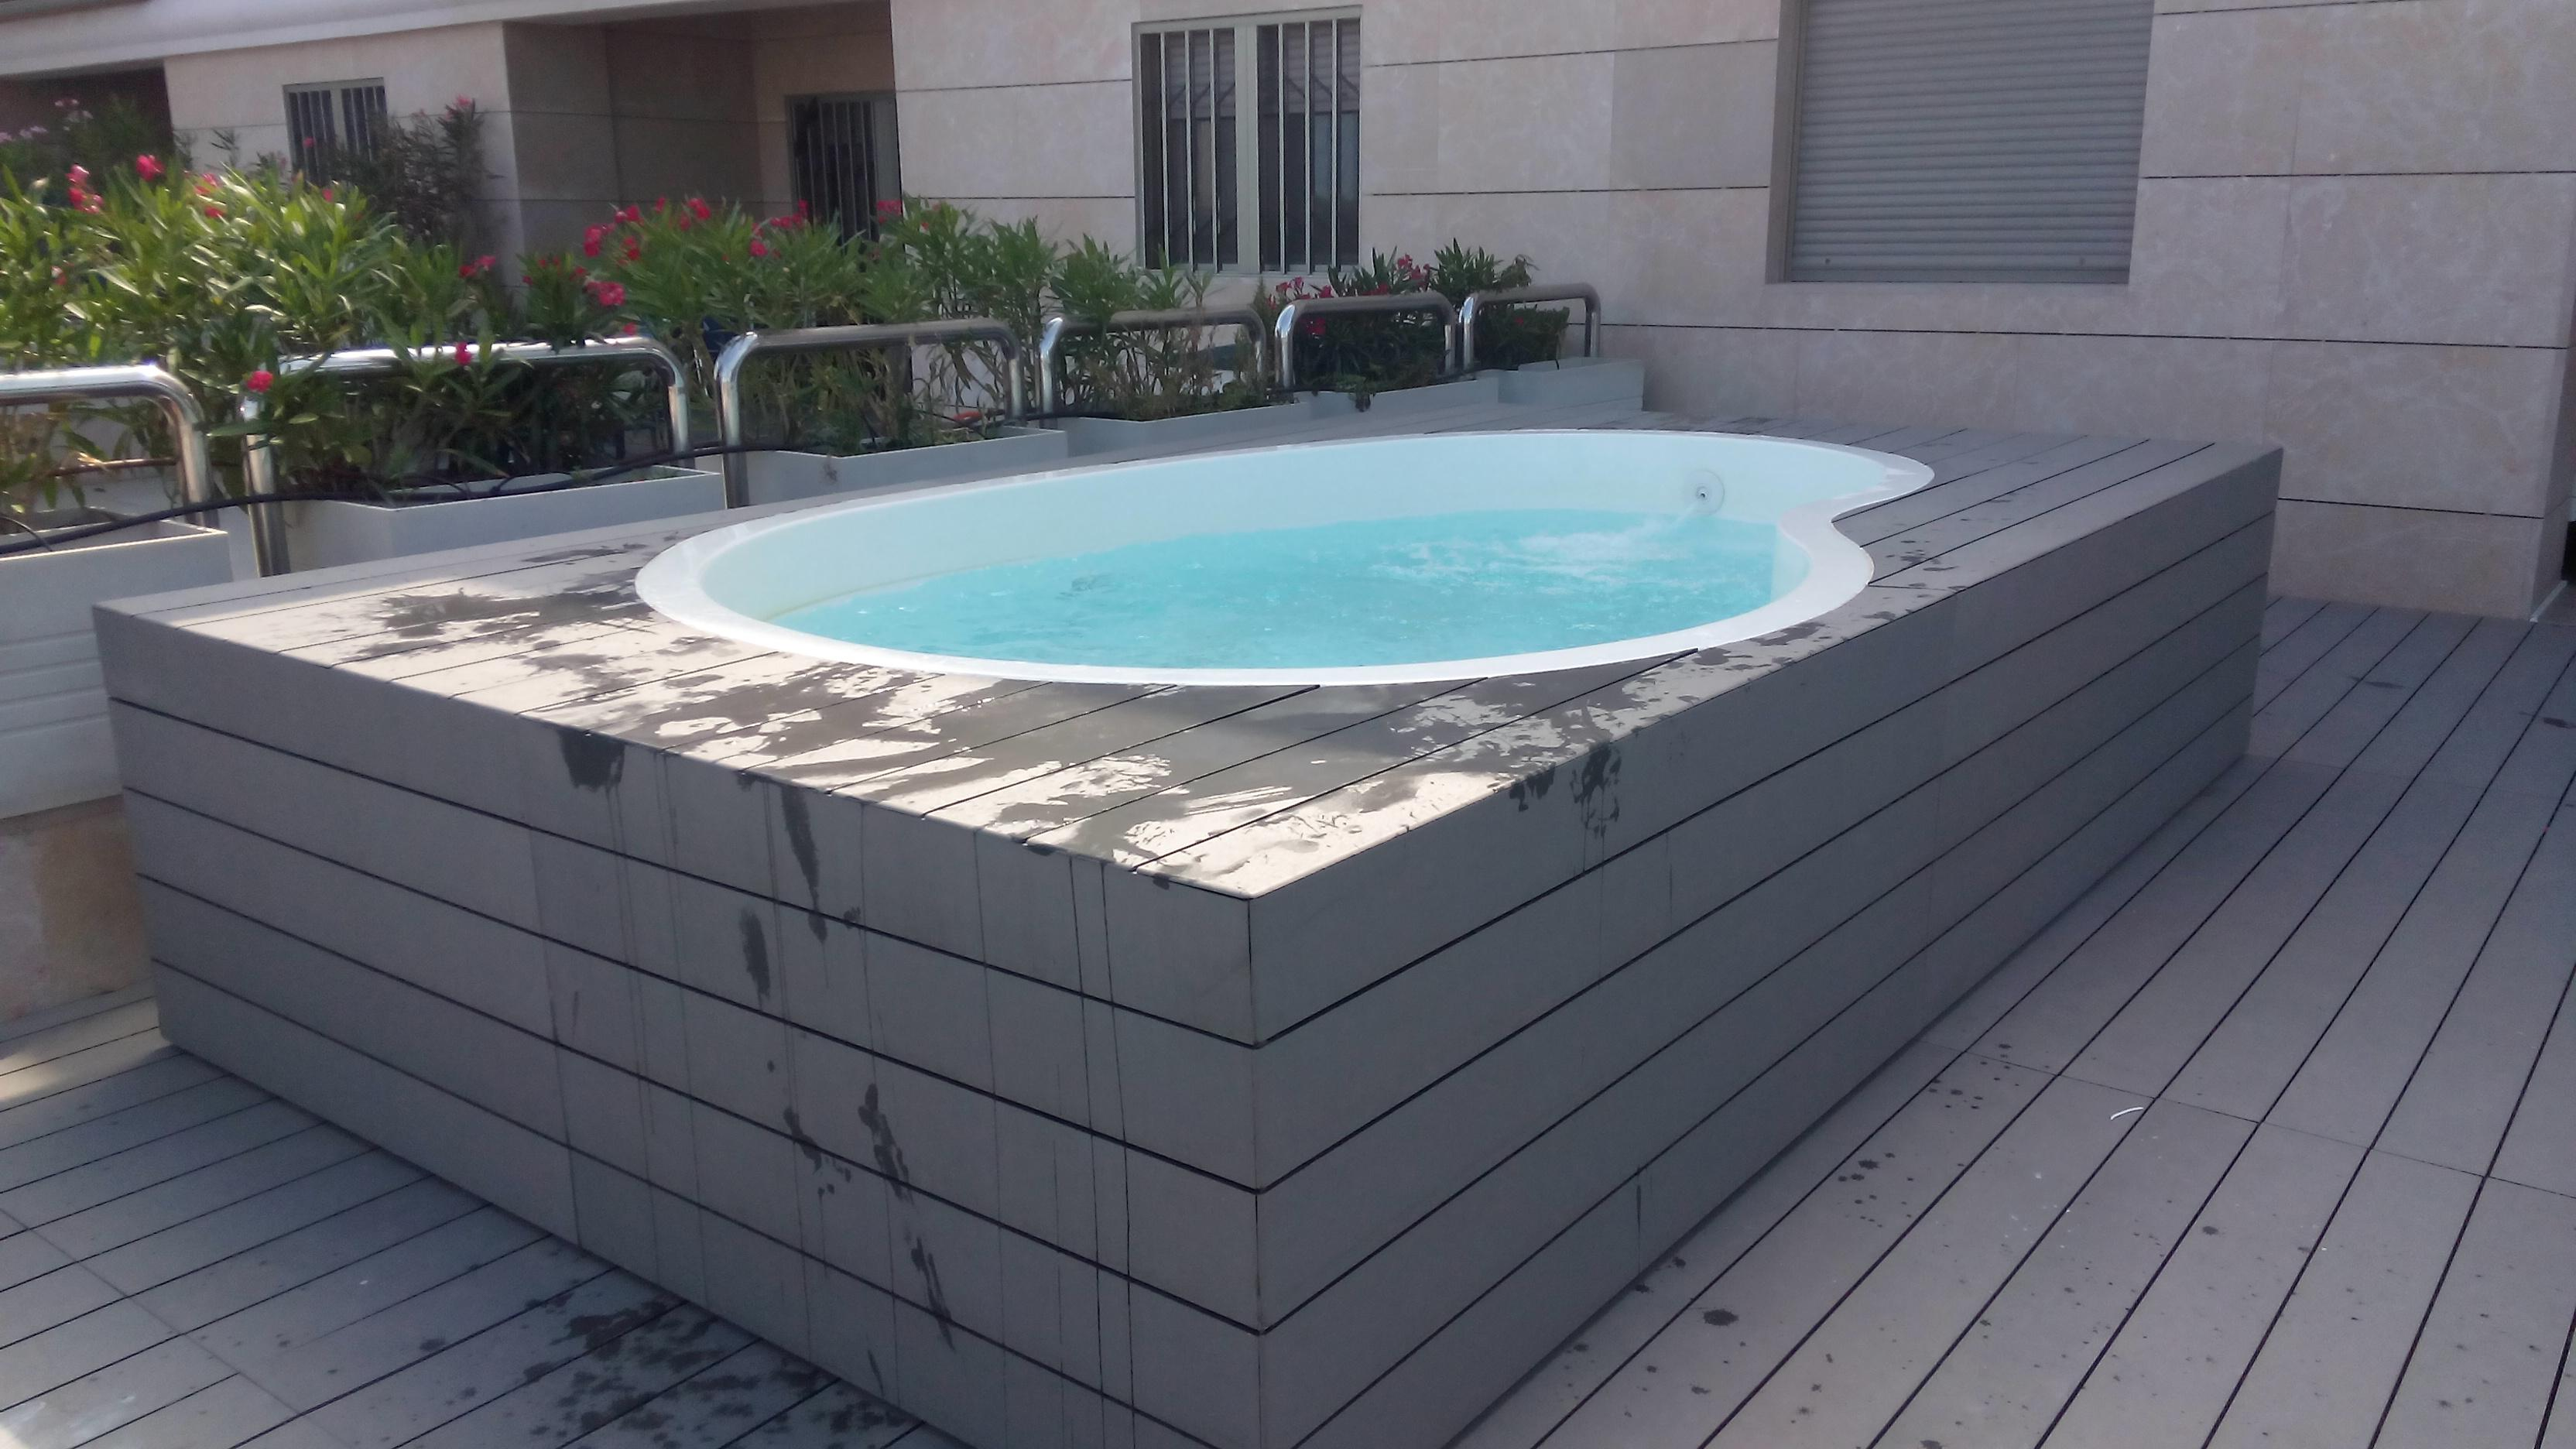 Piscinas de fibra piscina de poliester piscinas de for Ver piscinas de obra